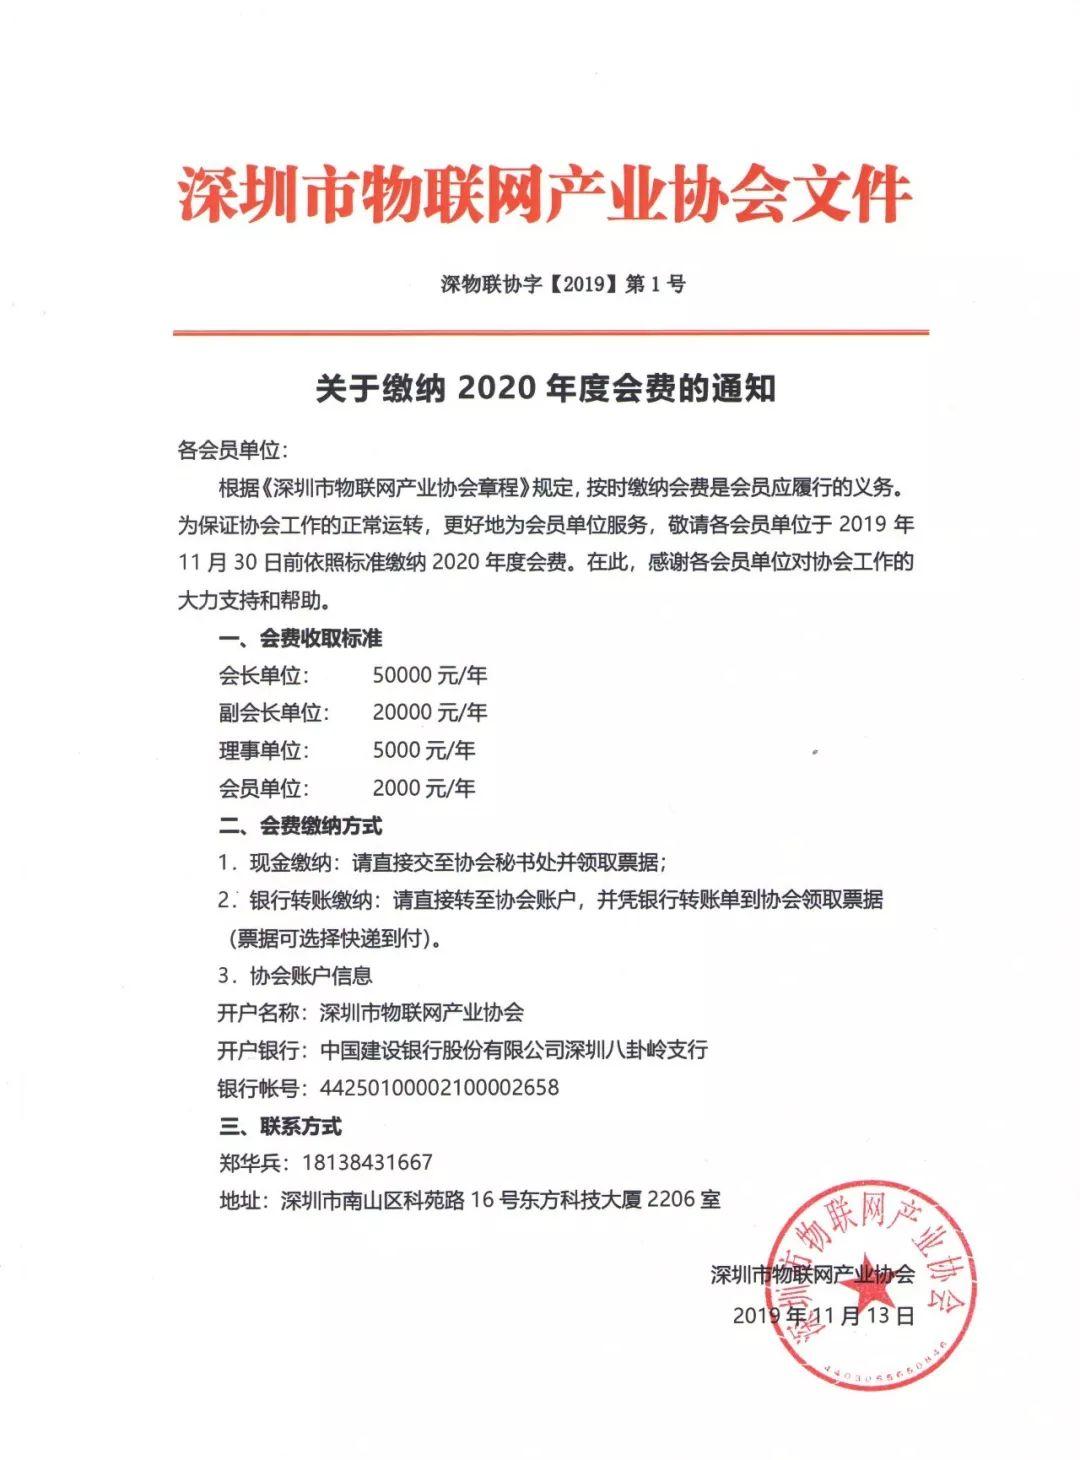 通知:深圳市物联网产业协会2020年度会费开始缴纳